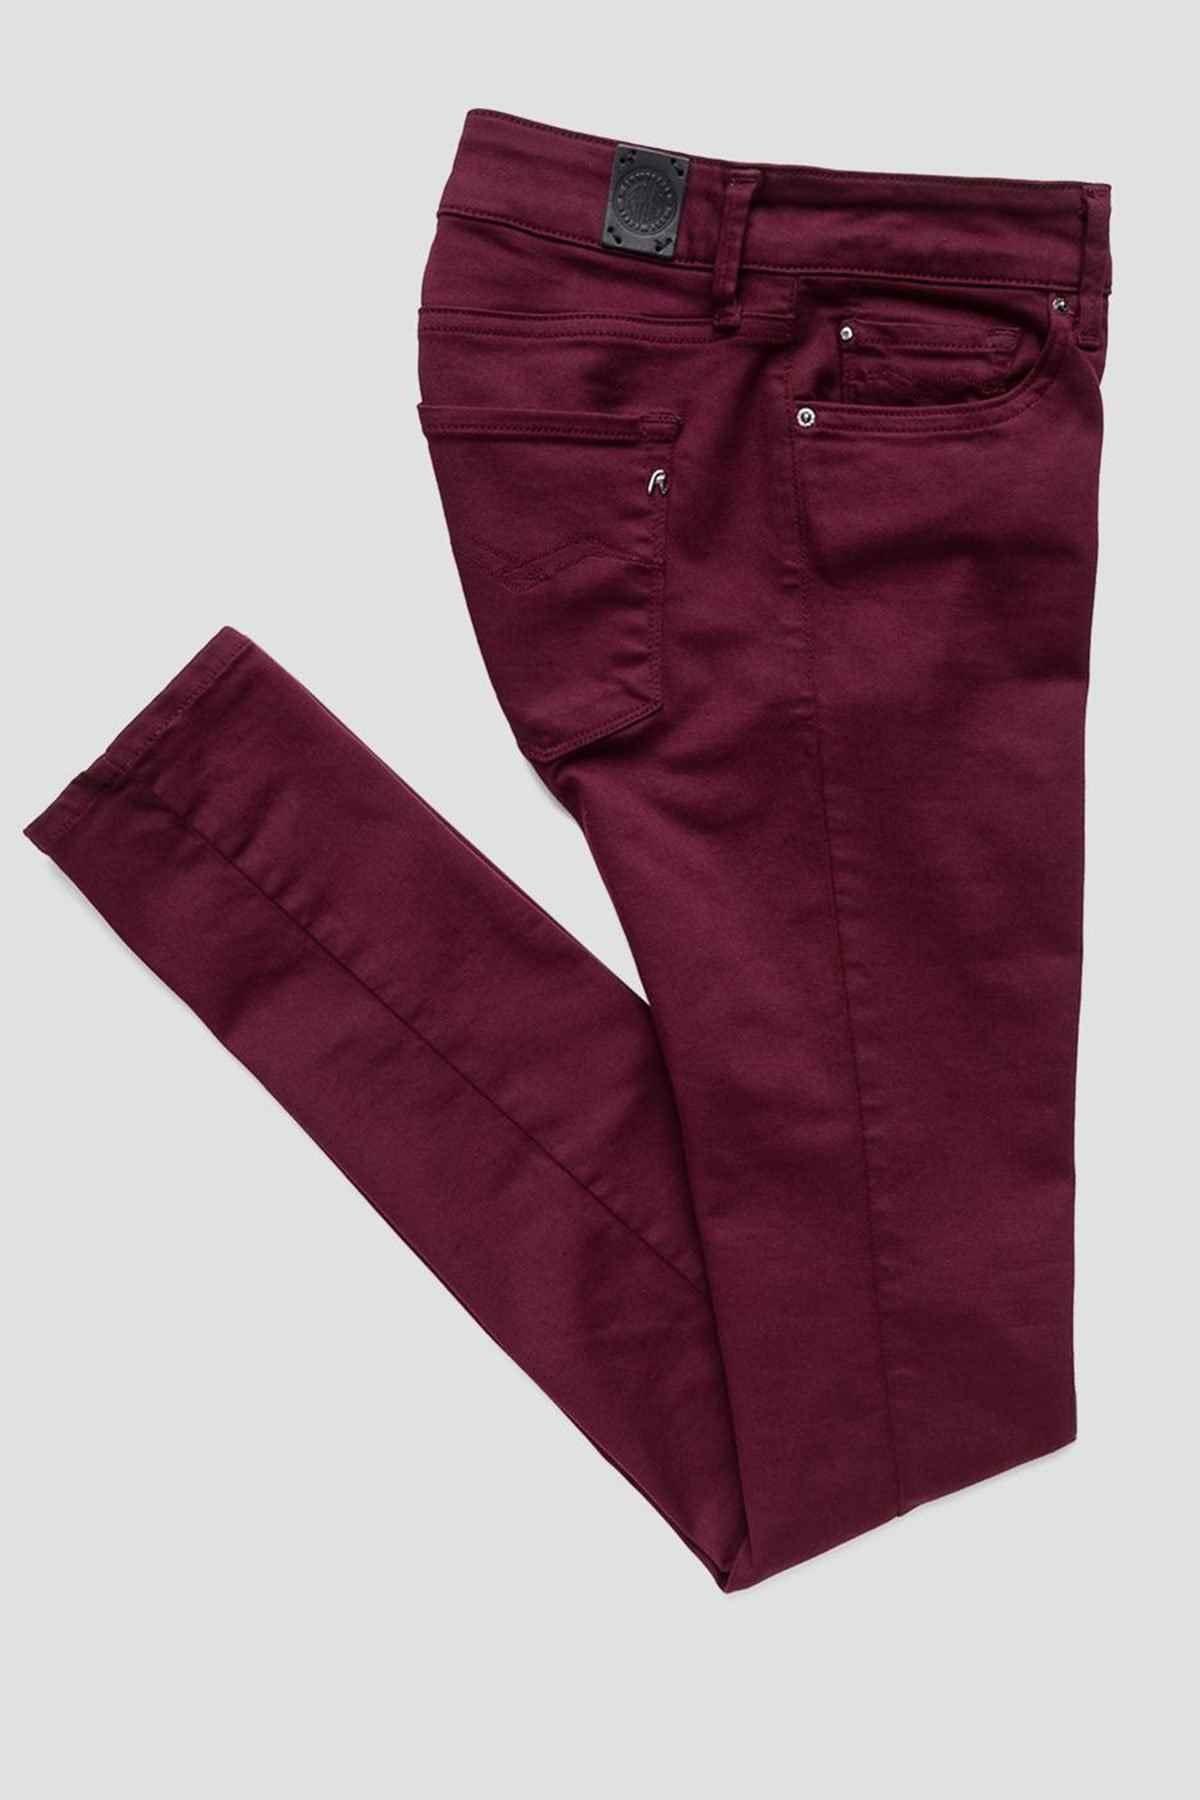 Replay Kadın Bordo Jeans 1